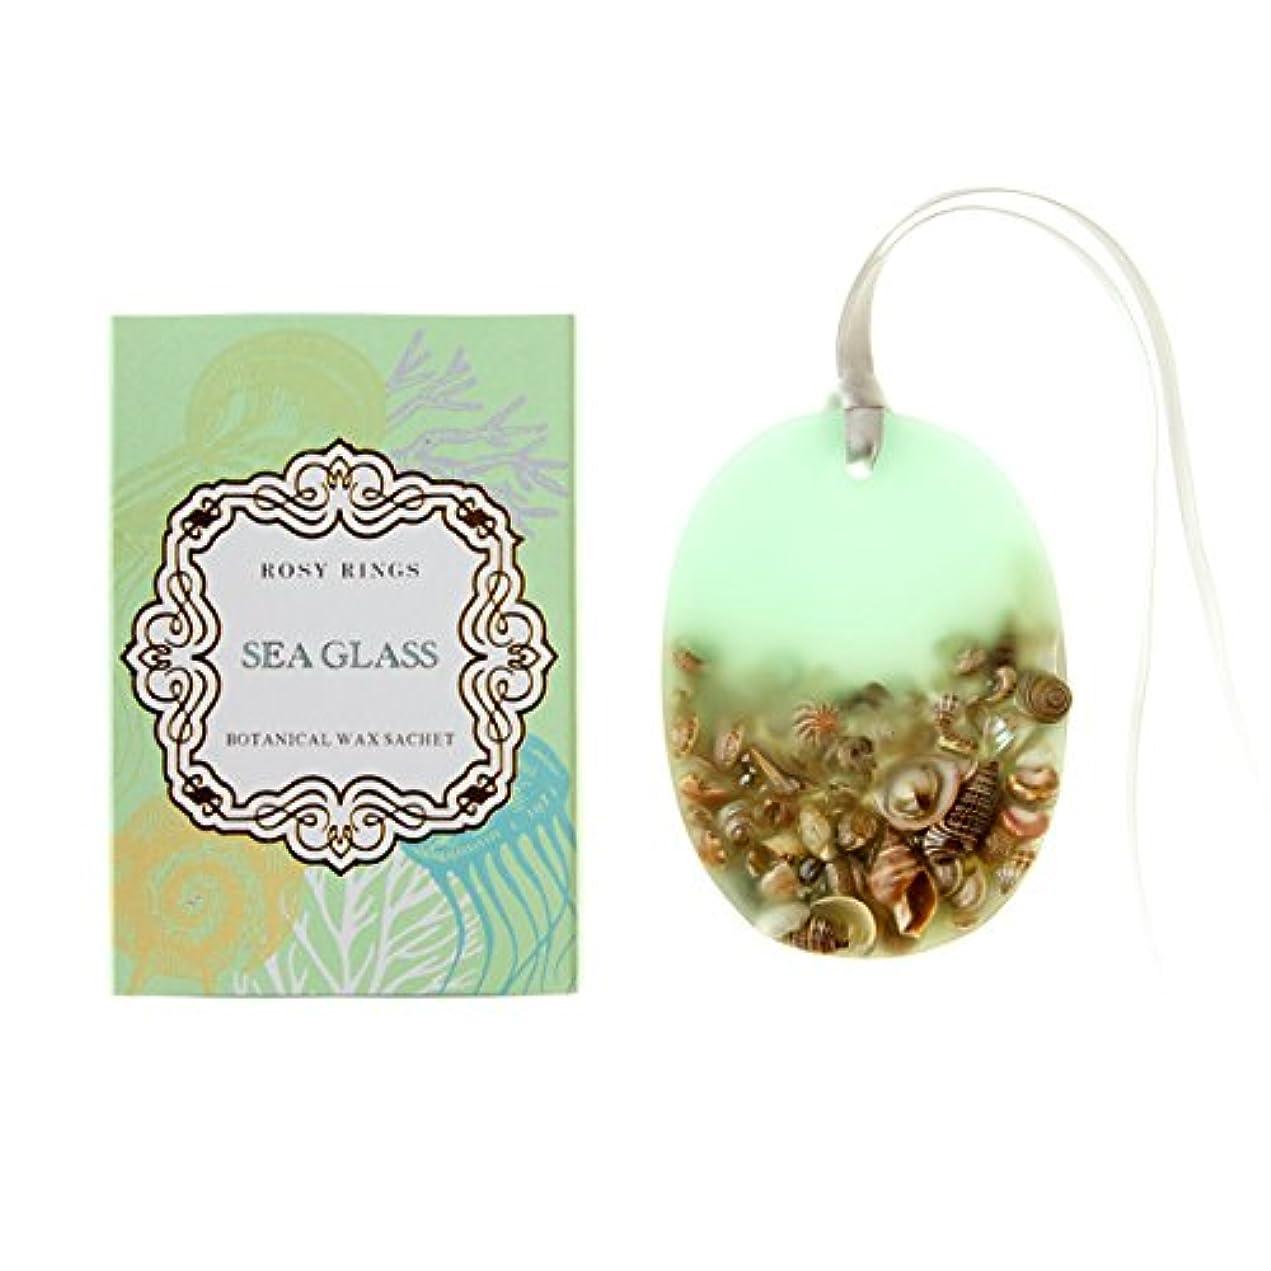 円形便利ミルロージーリングス プティボタニカルサシェ シーグラス ROSY RINGS Petite Oval Botanical Wax Sachet Sea Glass